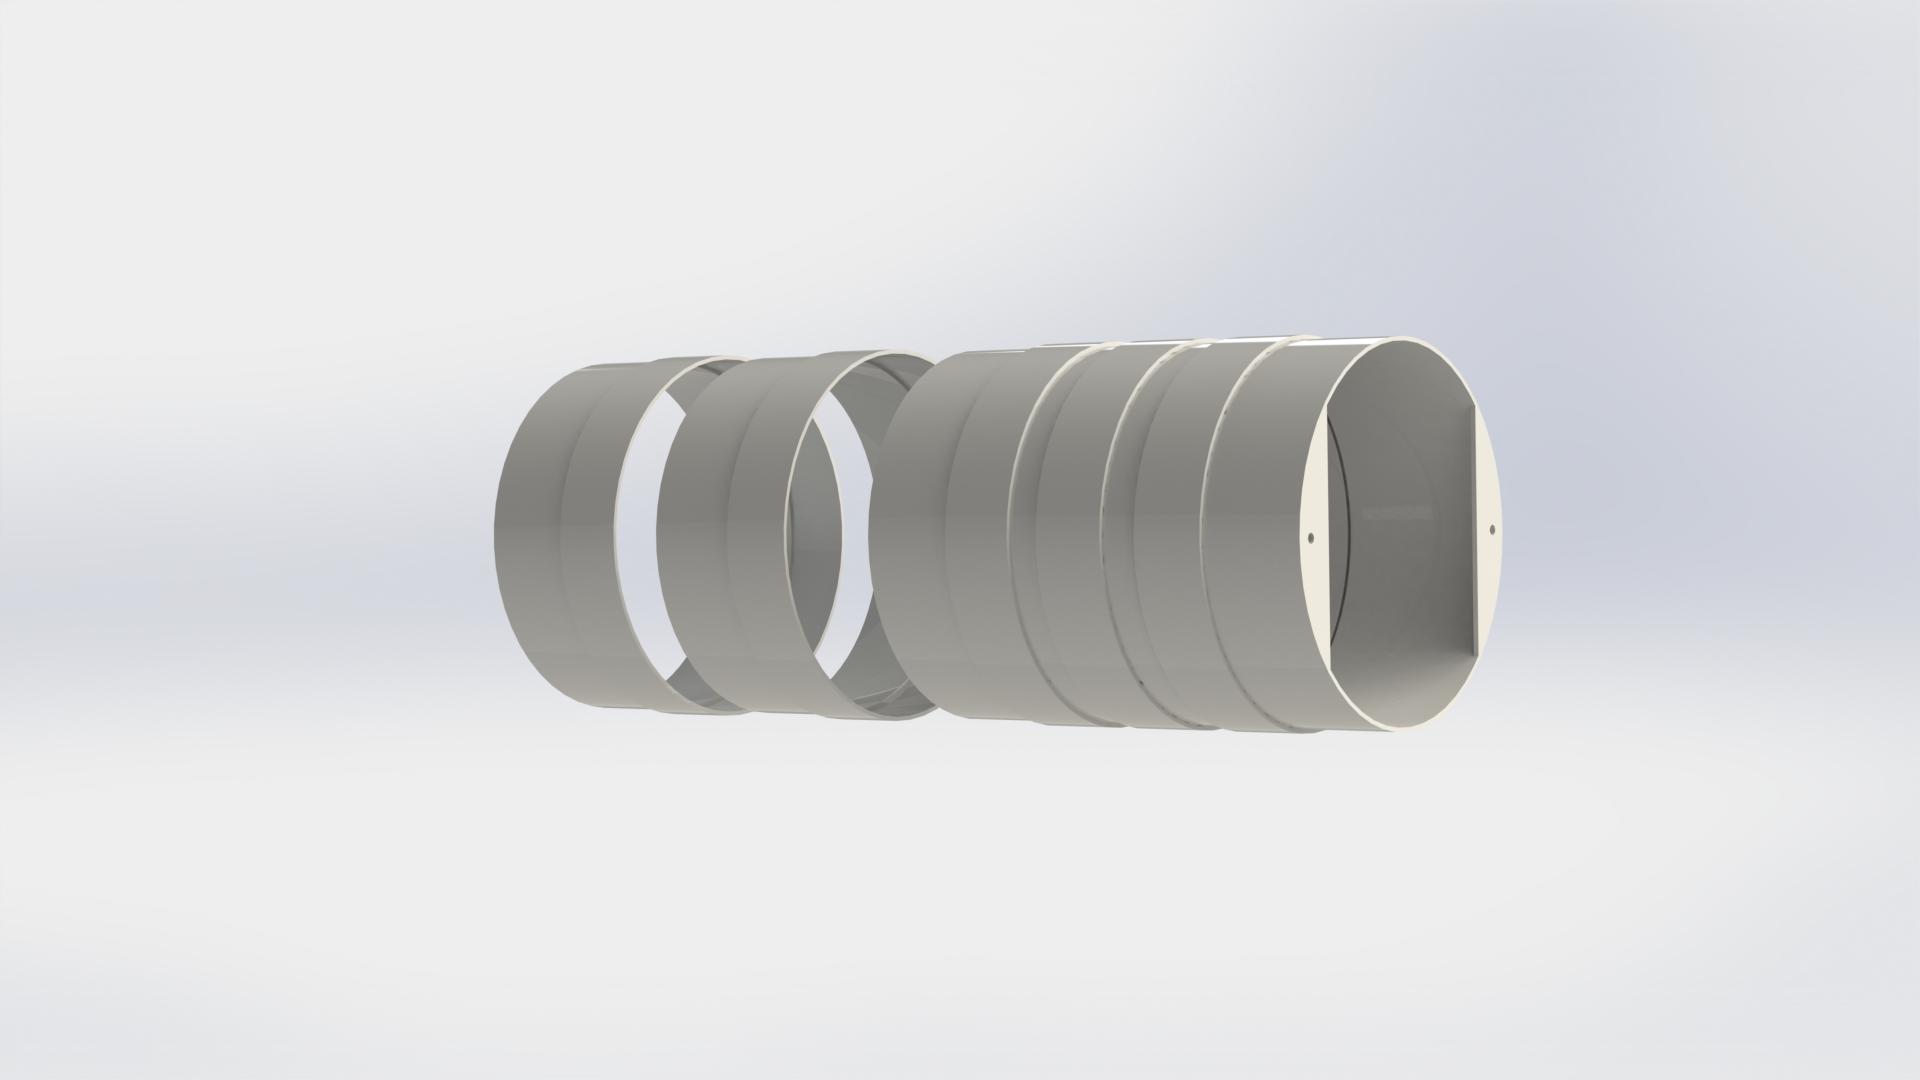 Наборные кольца для рекуператоров Ventoxx